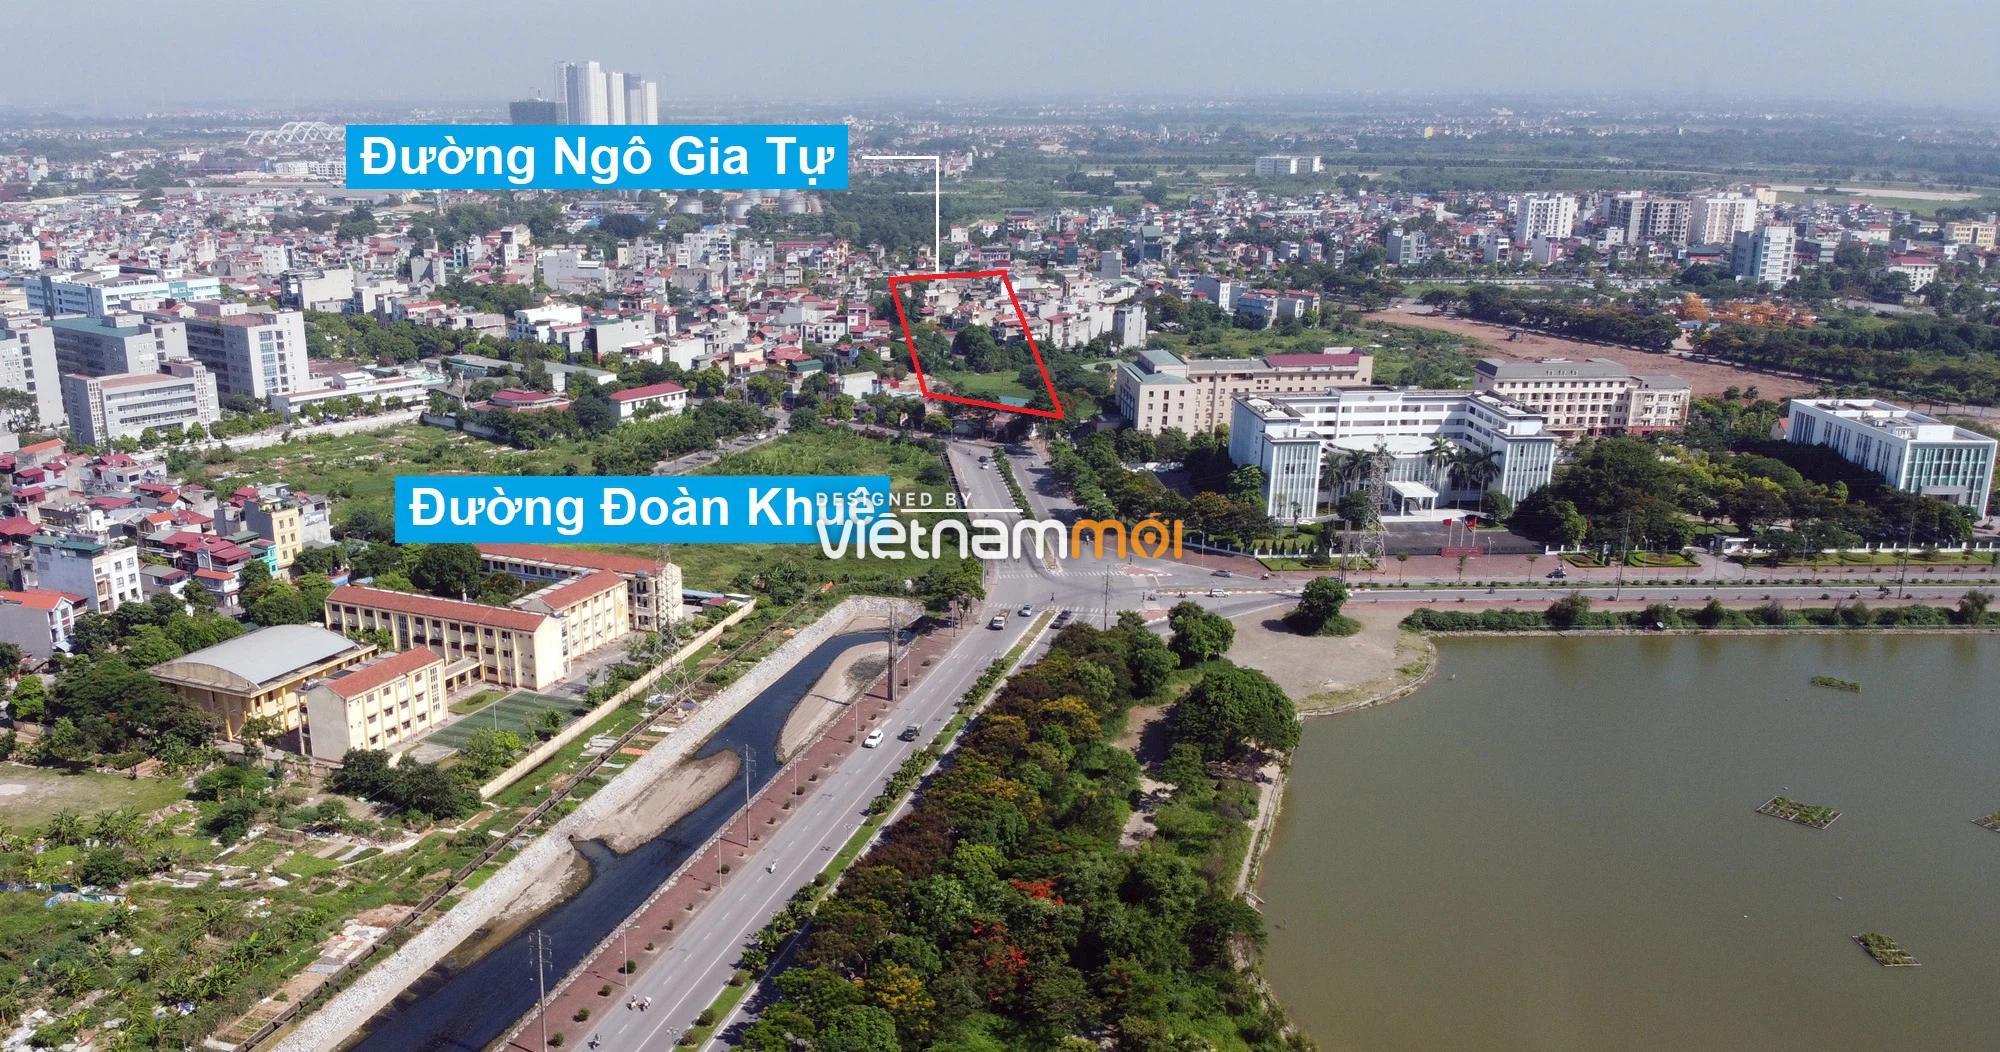 Những khu đất sắp thu hồi để mở đường ở phường Đức Giang, Long Biên, Hà Nội (phần 3) - Ảnh 6.